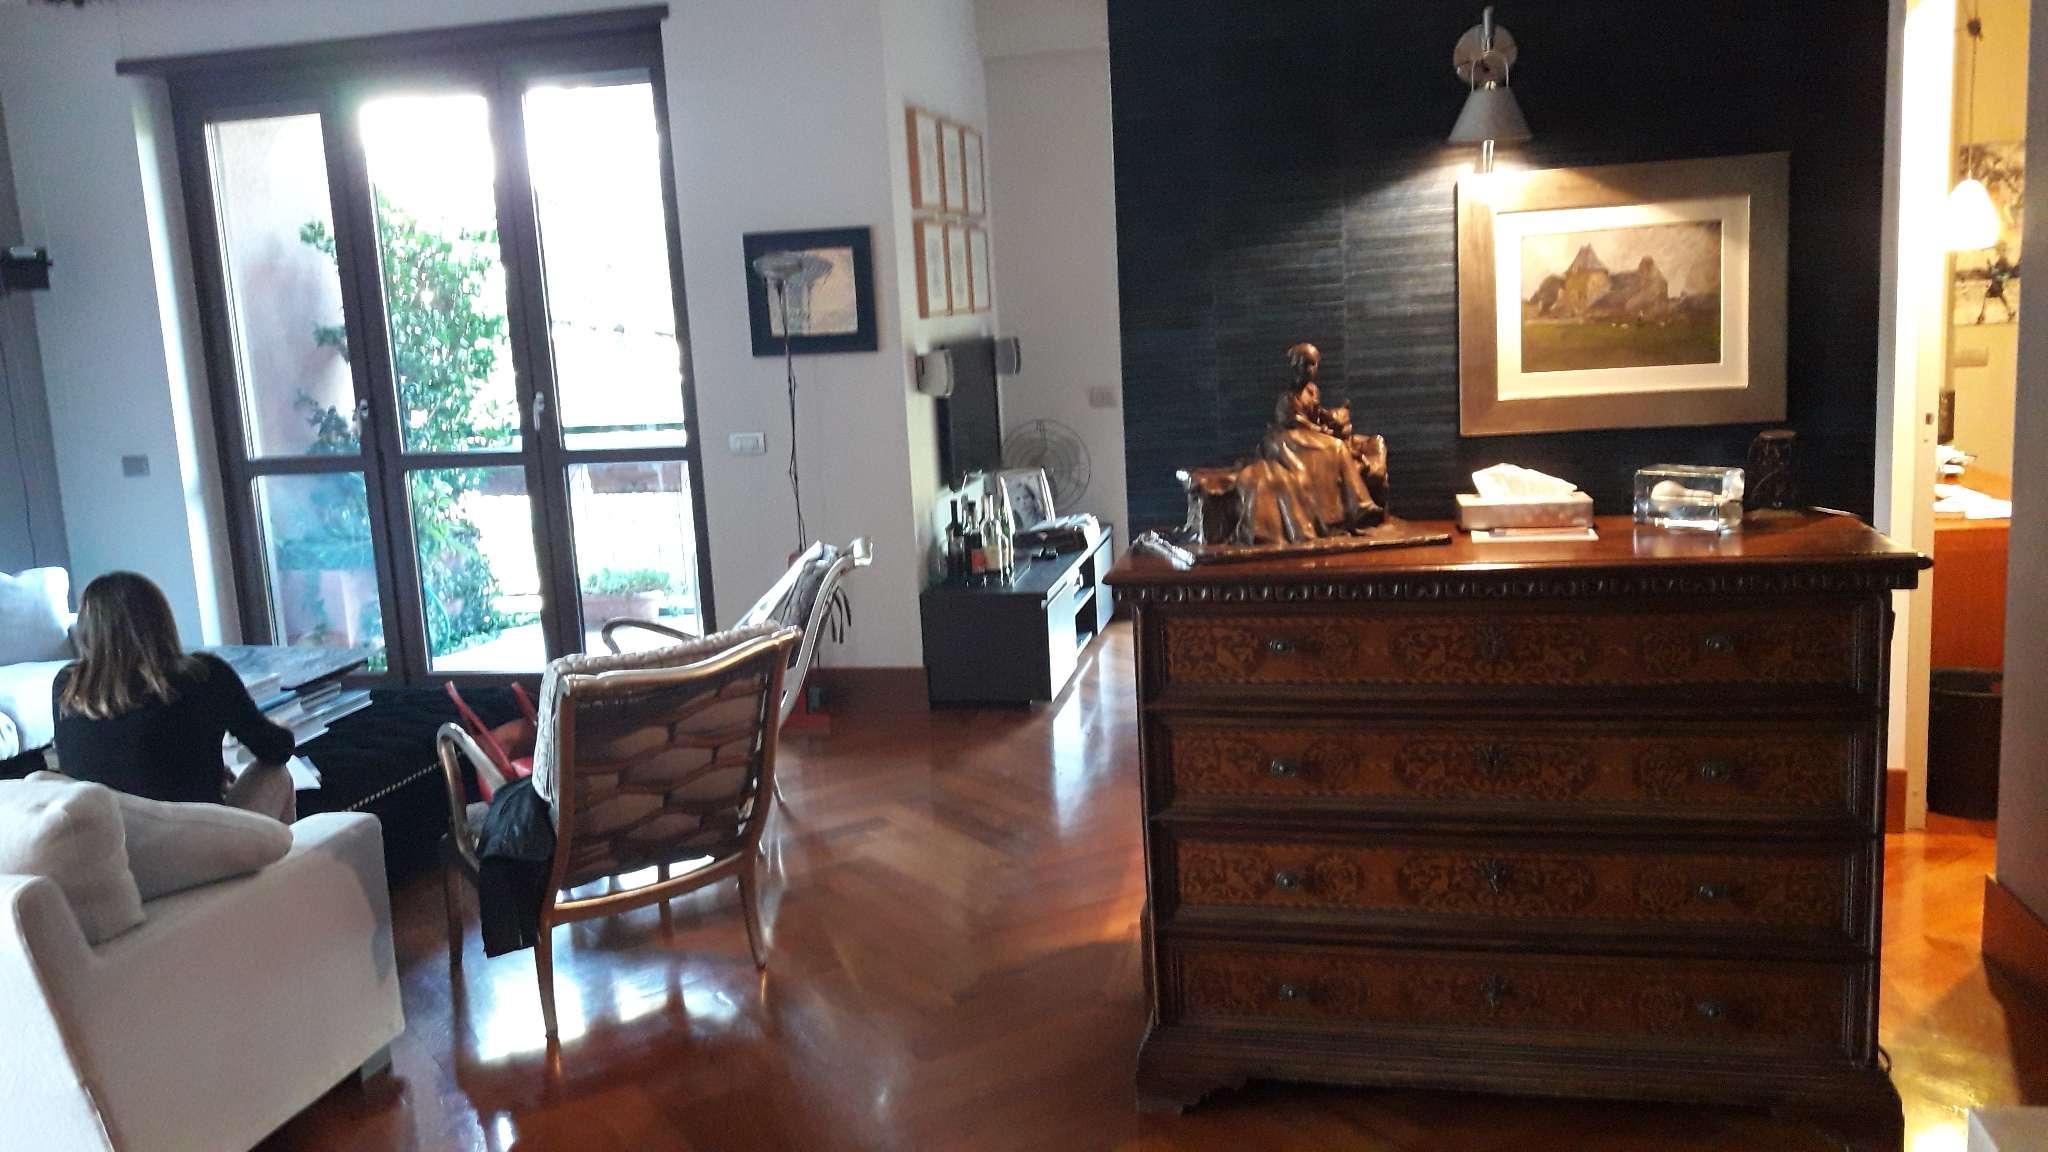 Appartamento in vendita a Milano, 5 locali, zona Zona: 12 . De Angeli, Vercelli, Washington, Sicilia, S. Michele del Carso, prezzo € 1.280.000 | Cambio Casa.it